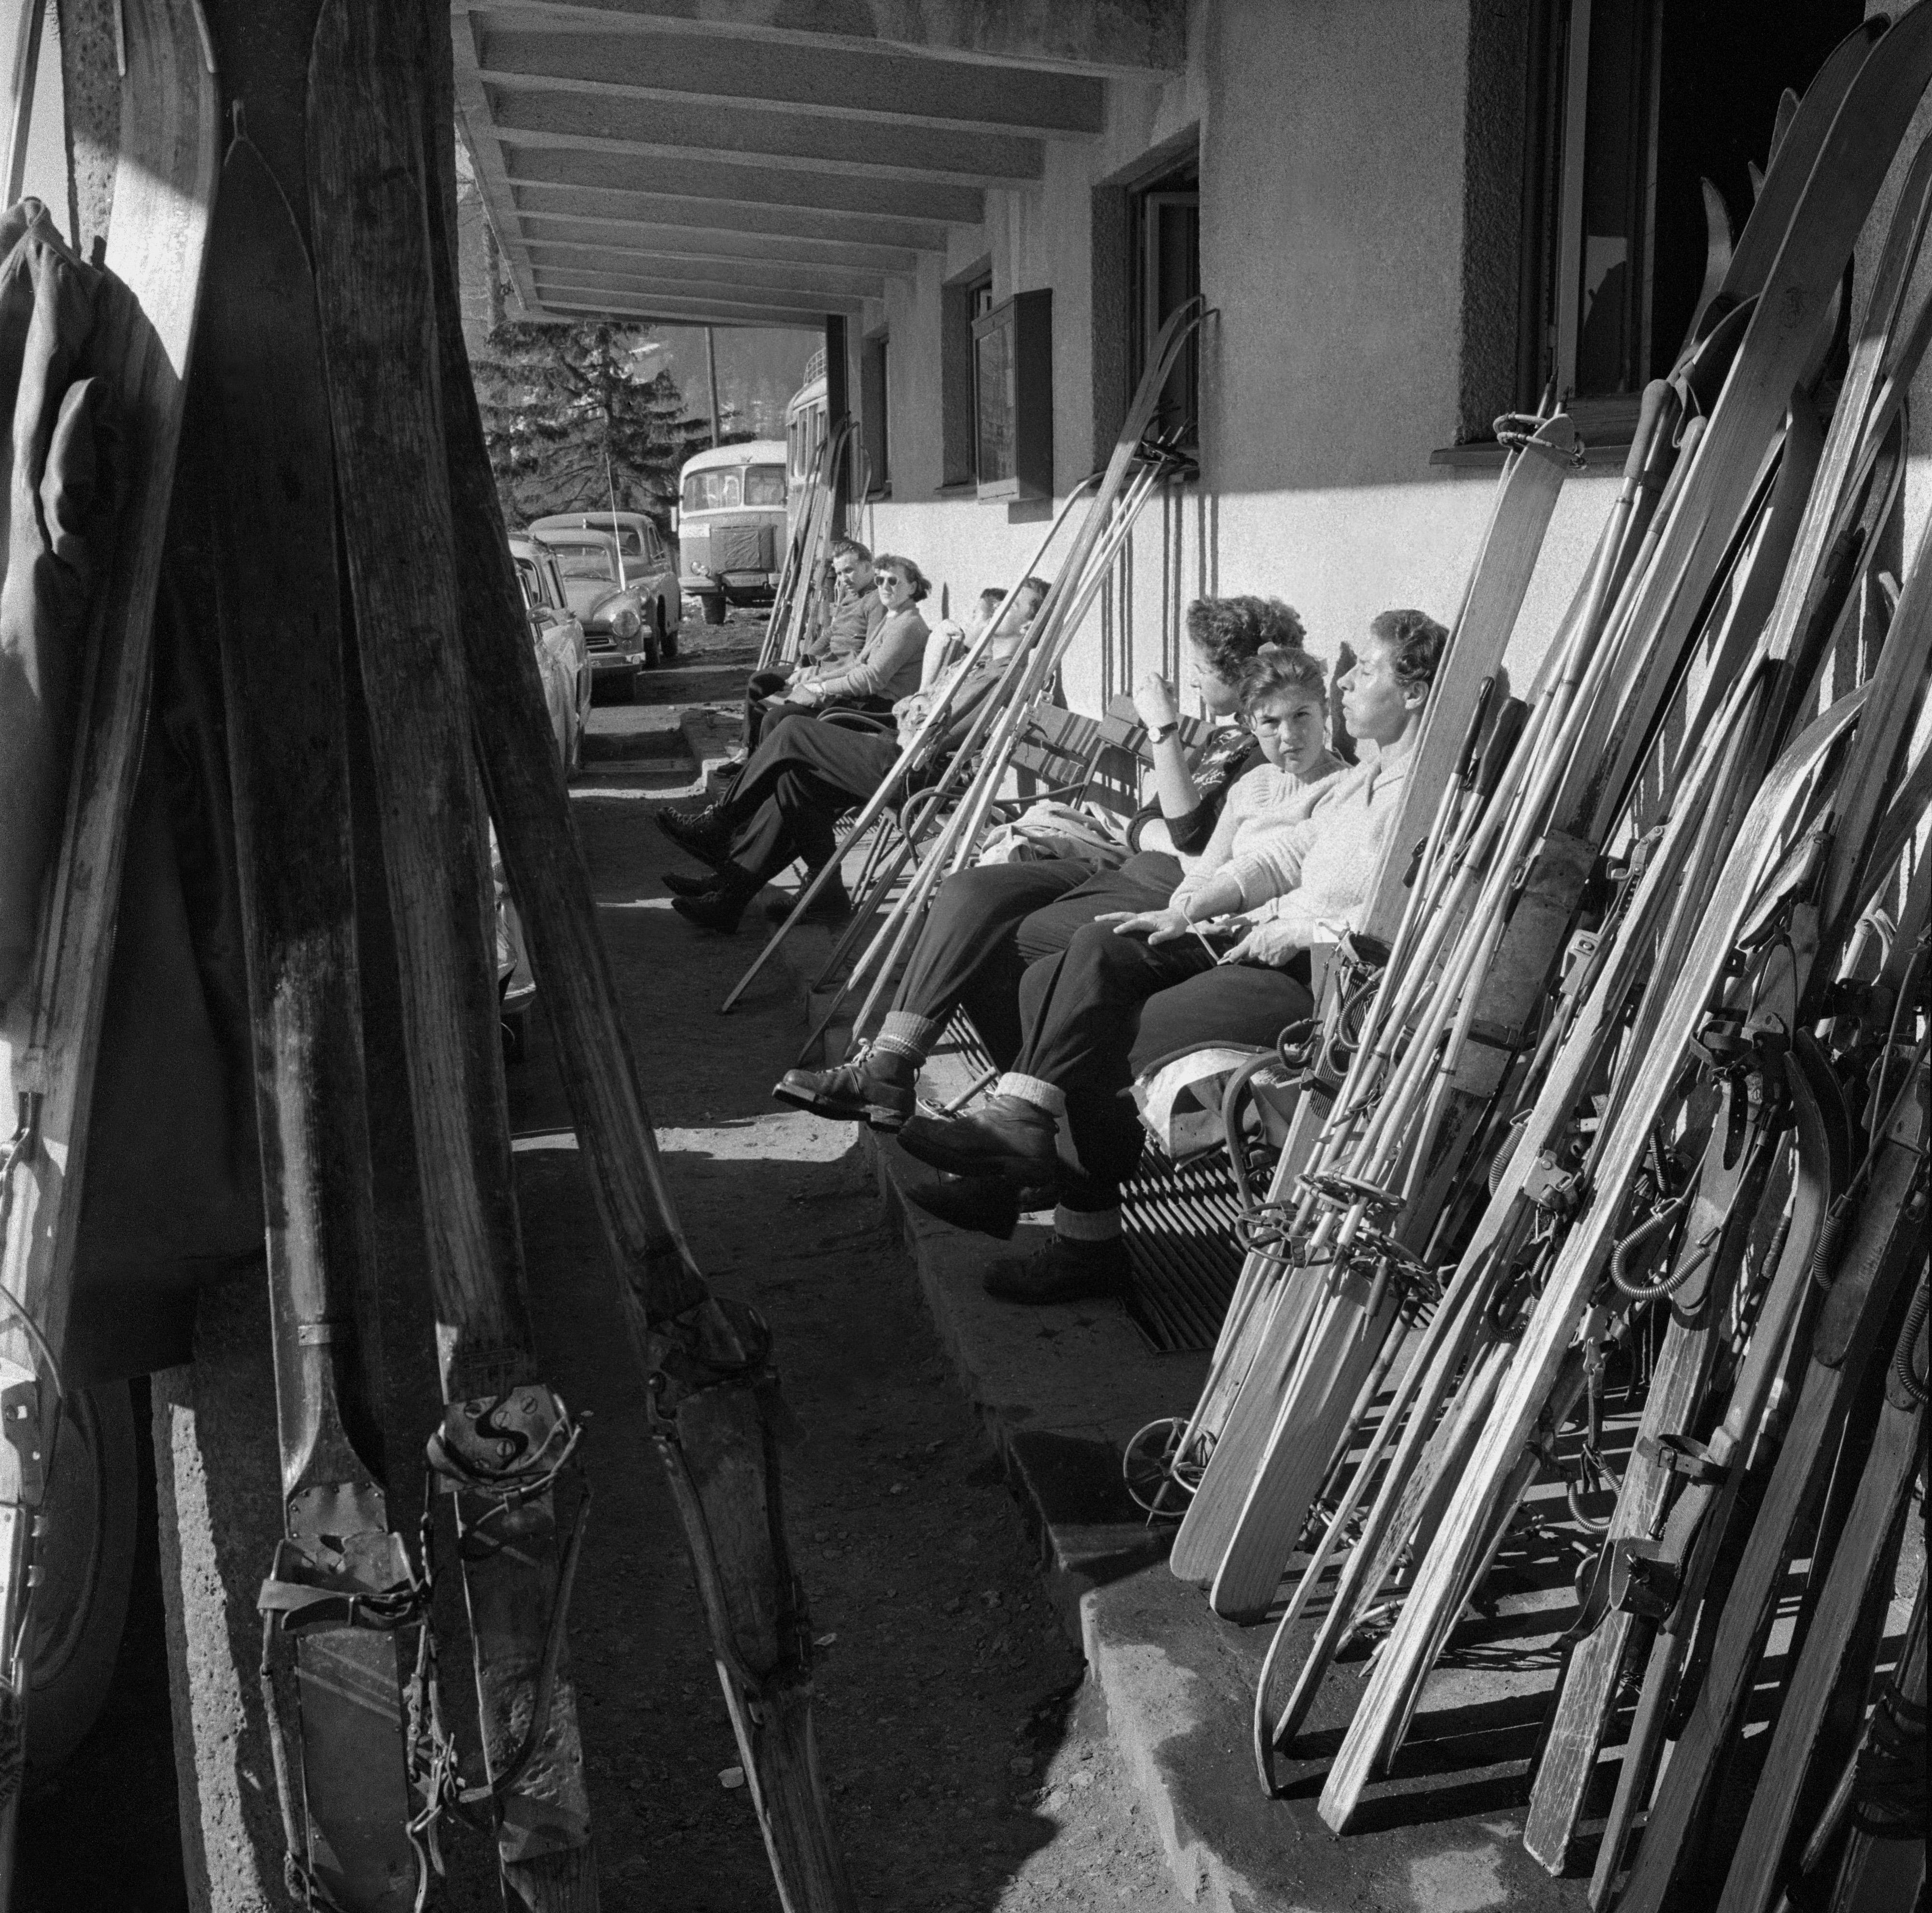 Na archívnej snímke z 12. marca 1959 zimné krásy a radosti v okolí lyžiarskeho strediska Donovaly.